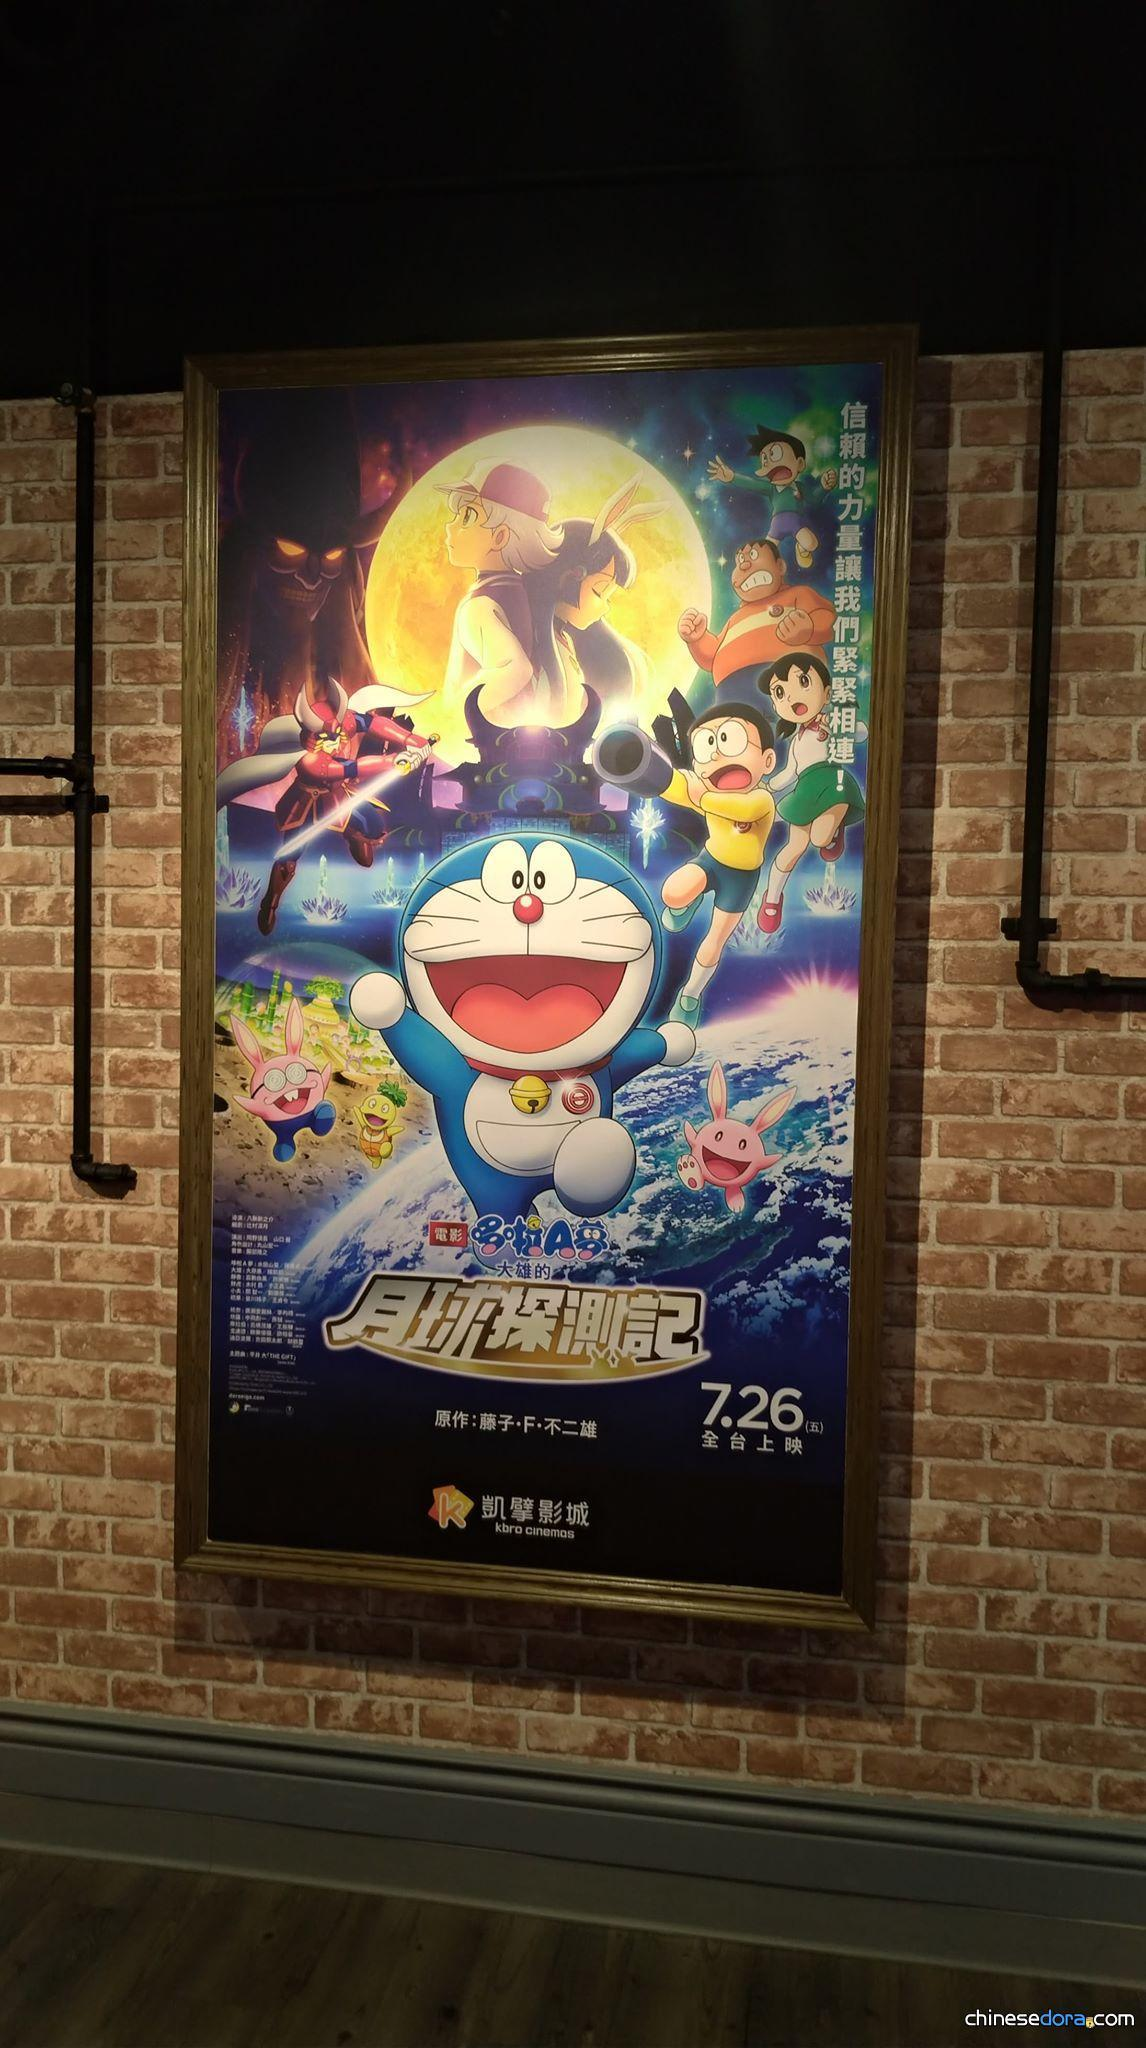 [台灣] 上映第2週 台中各地《電影哆啦A夢:大雄的月球探測記》海報版位與上映情況實地訪查記